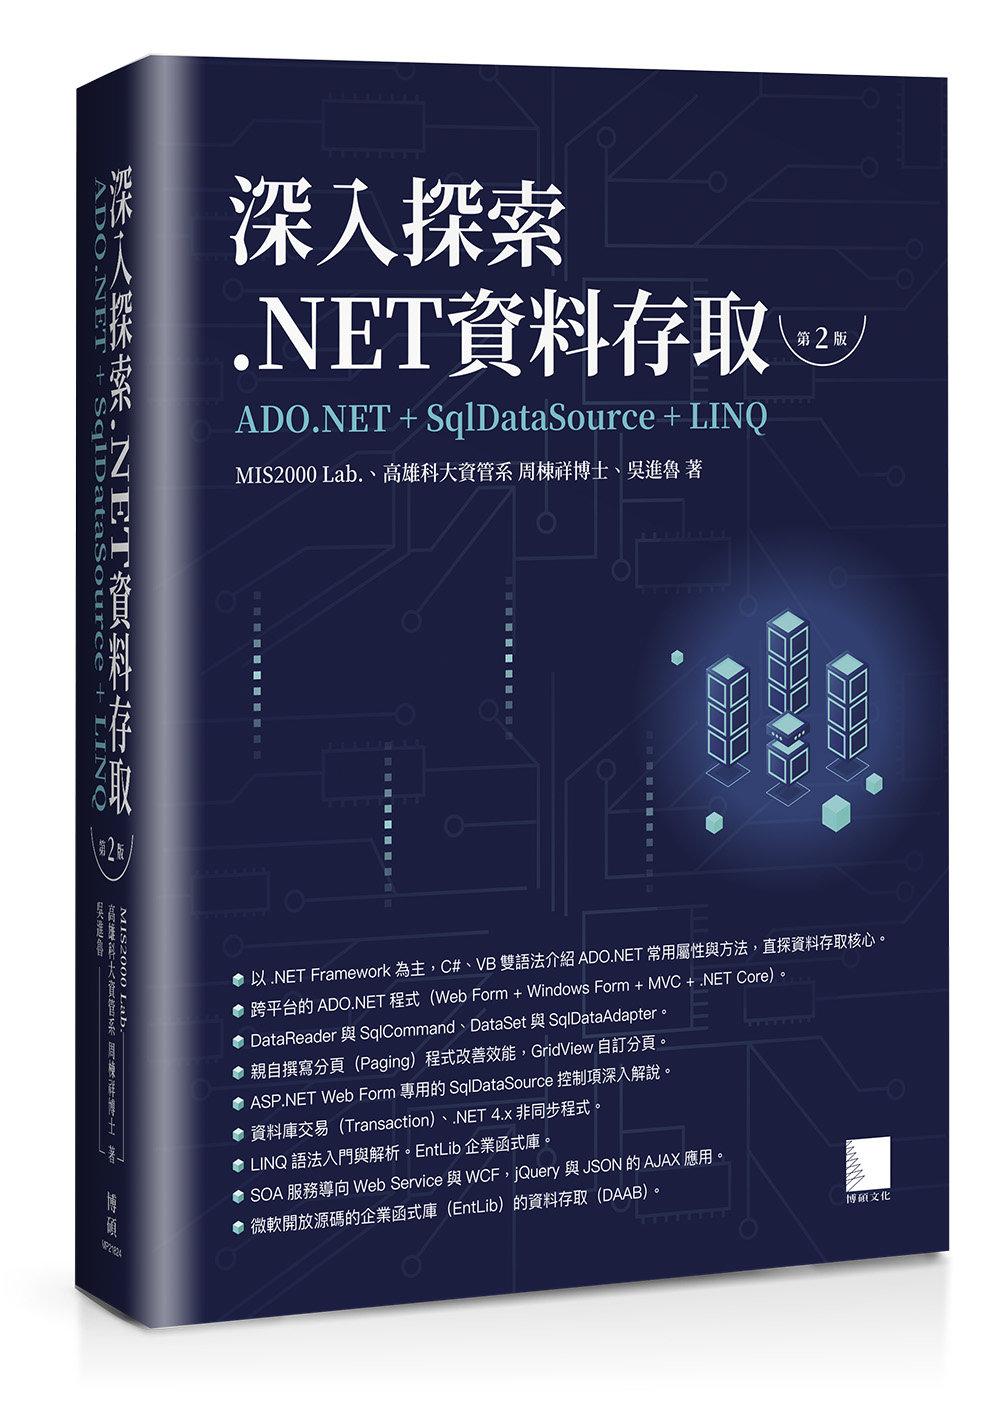 深入探索 .NET 資料存取:ADO.NET + SqlDataSource + LINQ(第二版)-preview-1